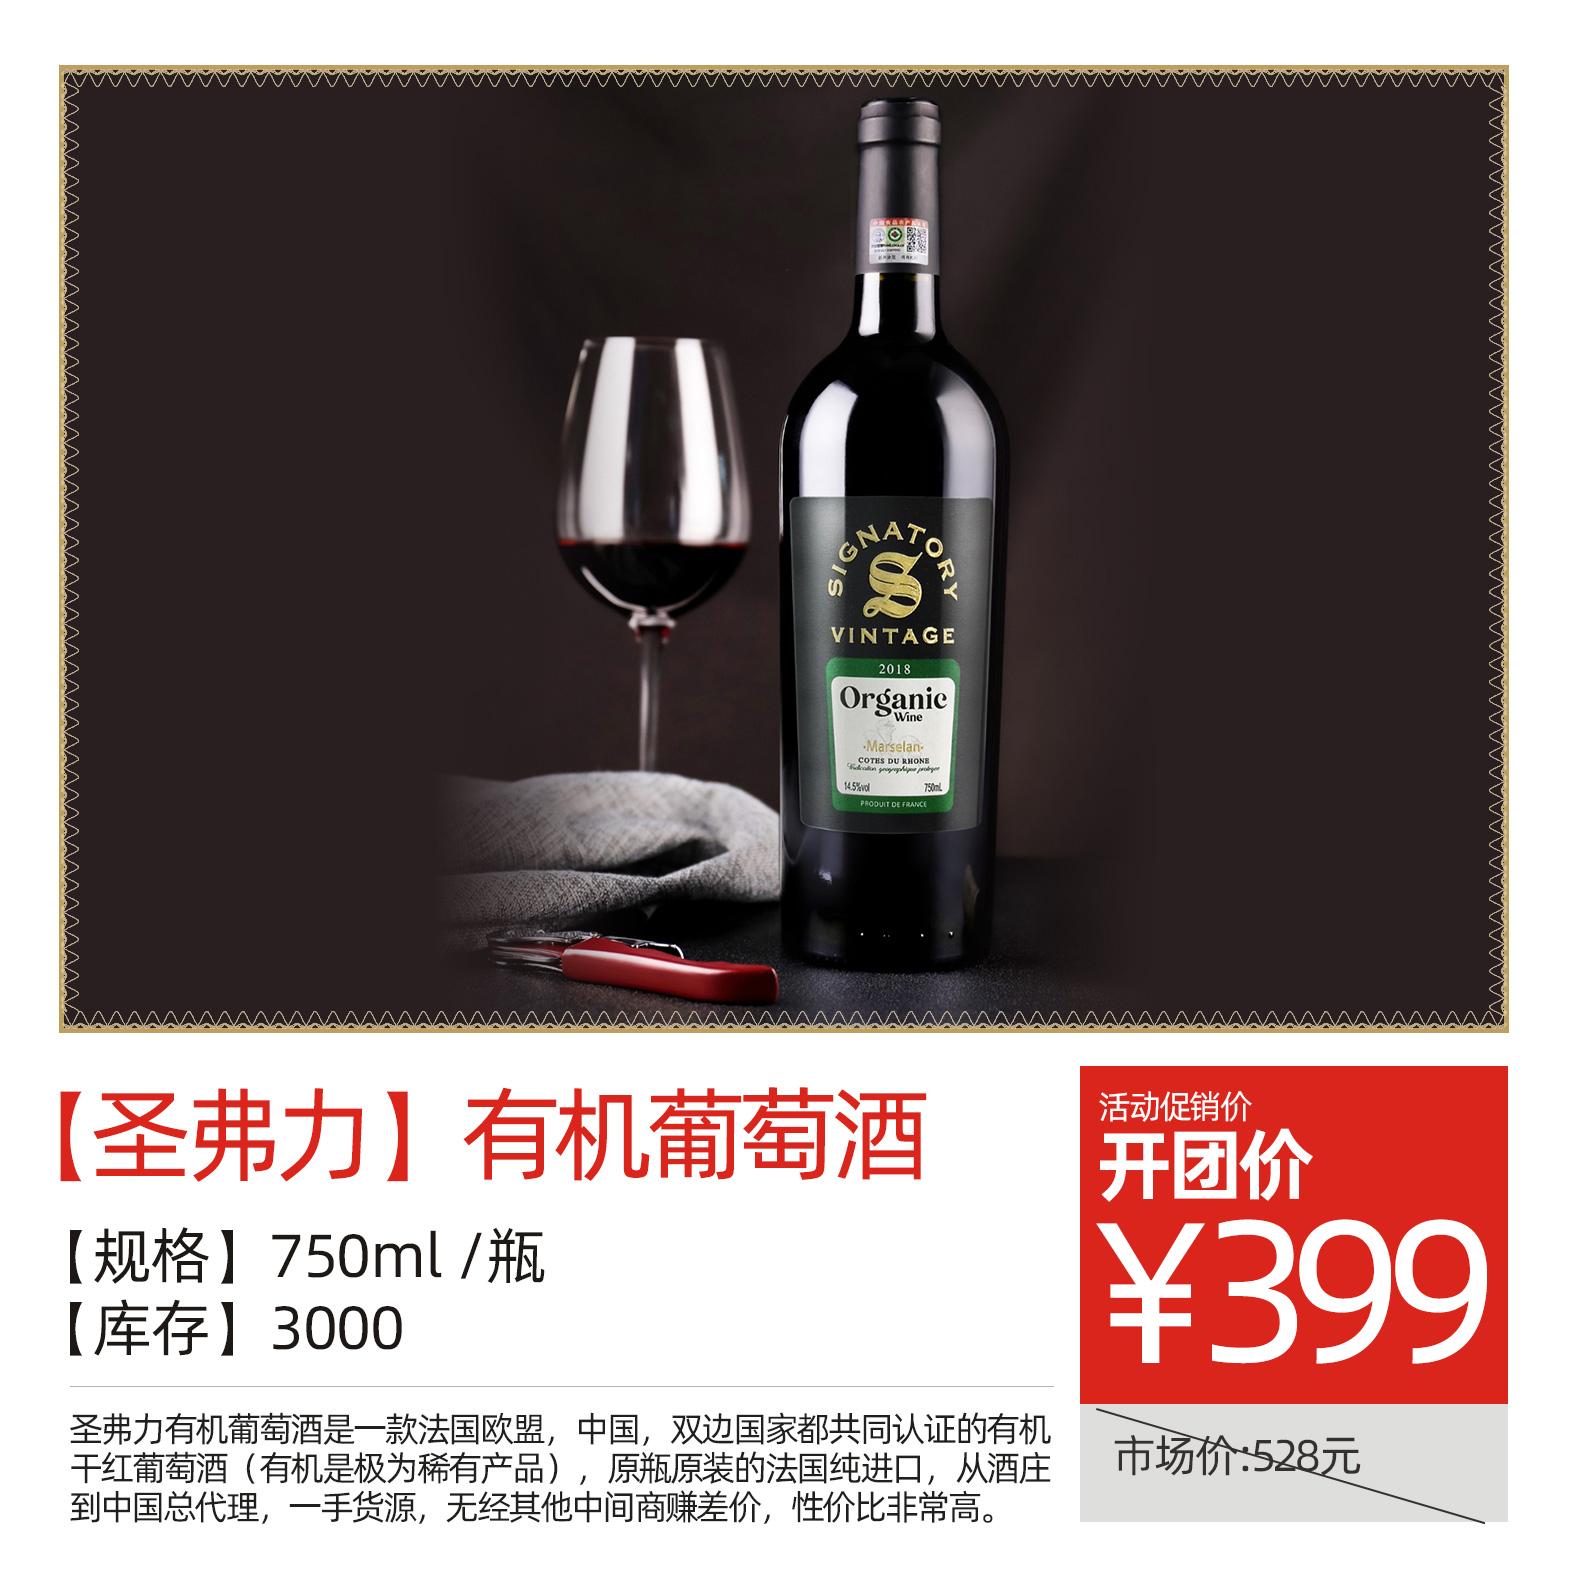 【圣弗力】+有机葡萄酒